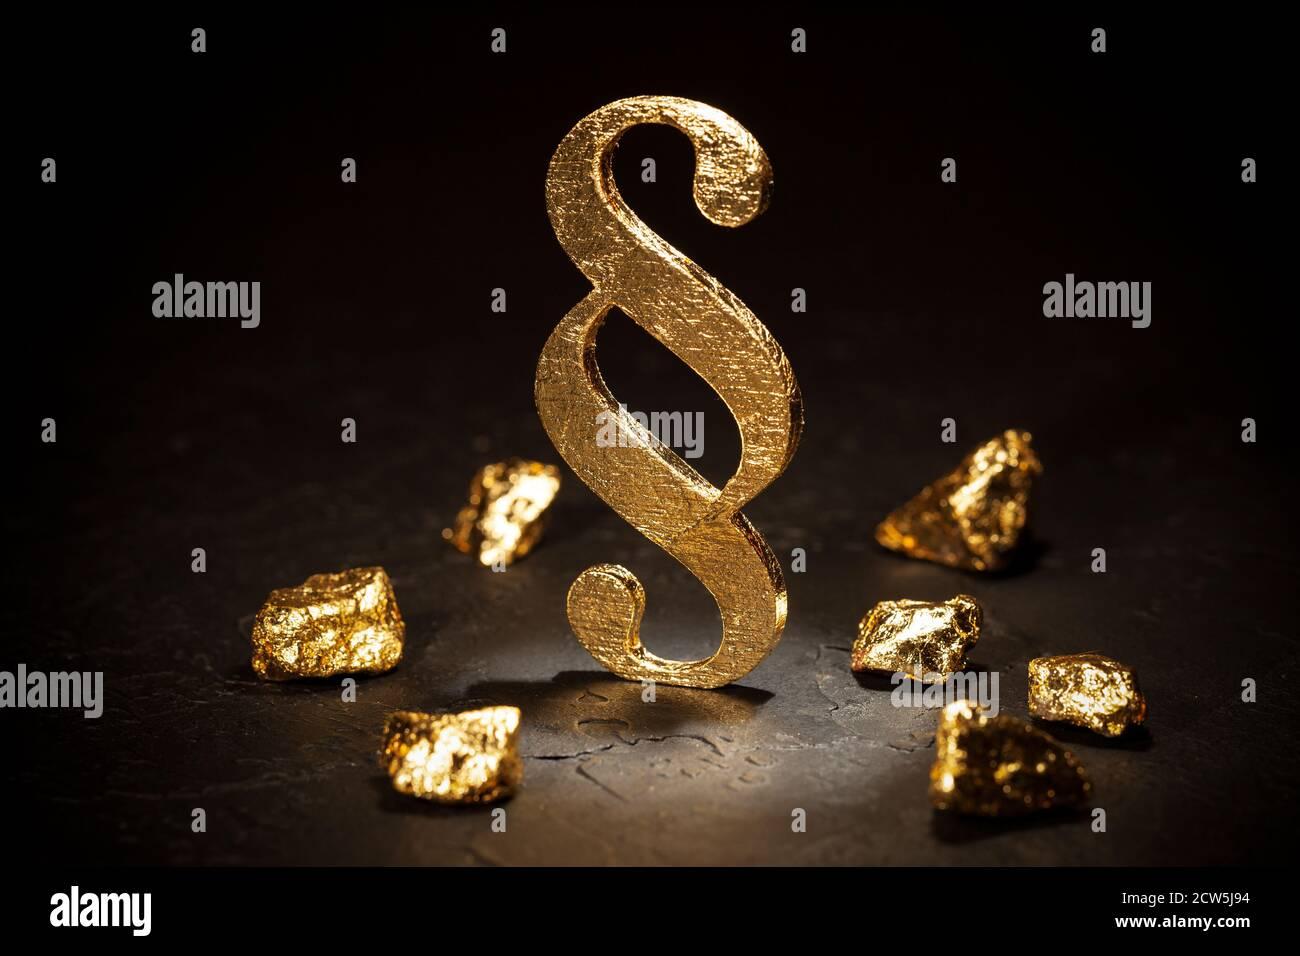 Signo de párrafo de oro y pepitas de oro sobre fondo negro. Foto de stock